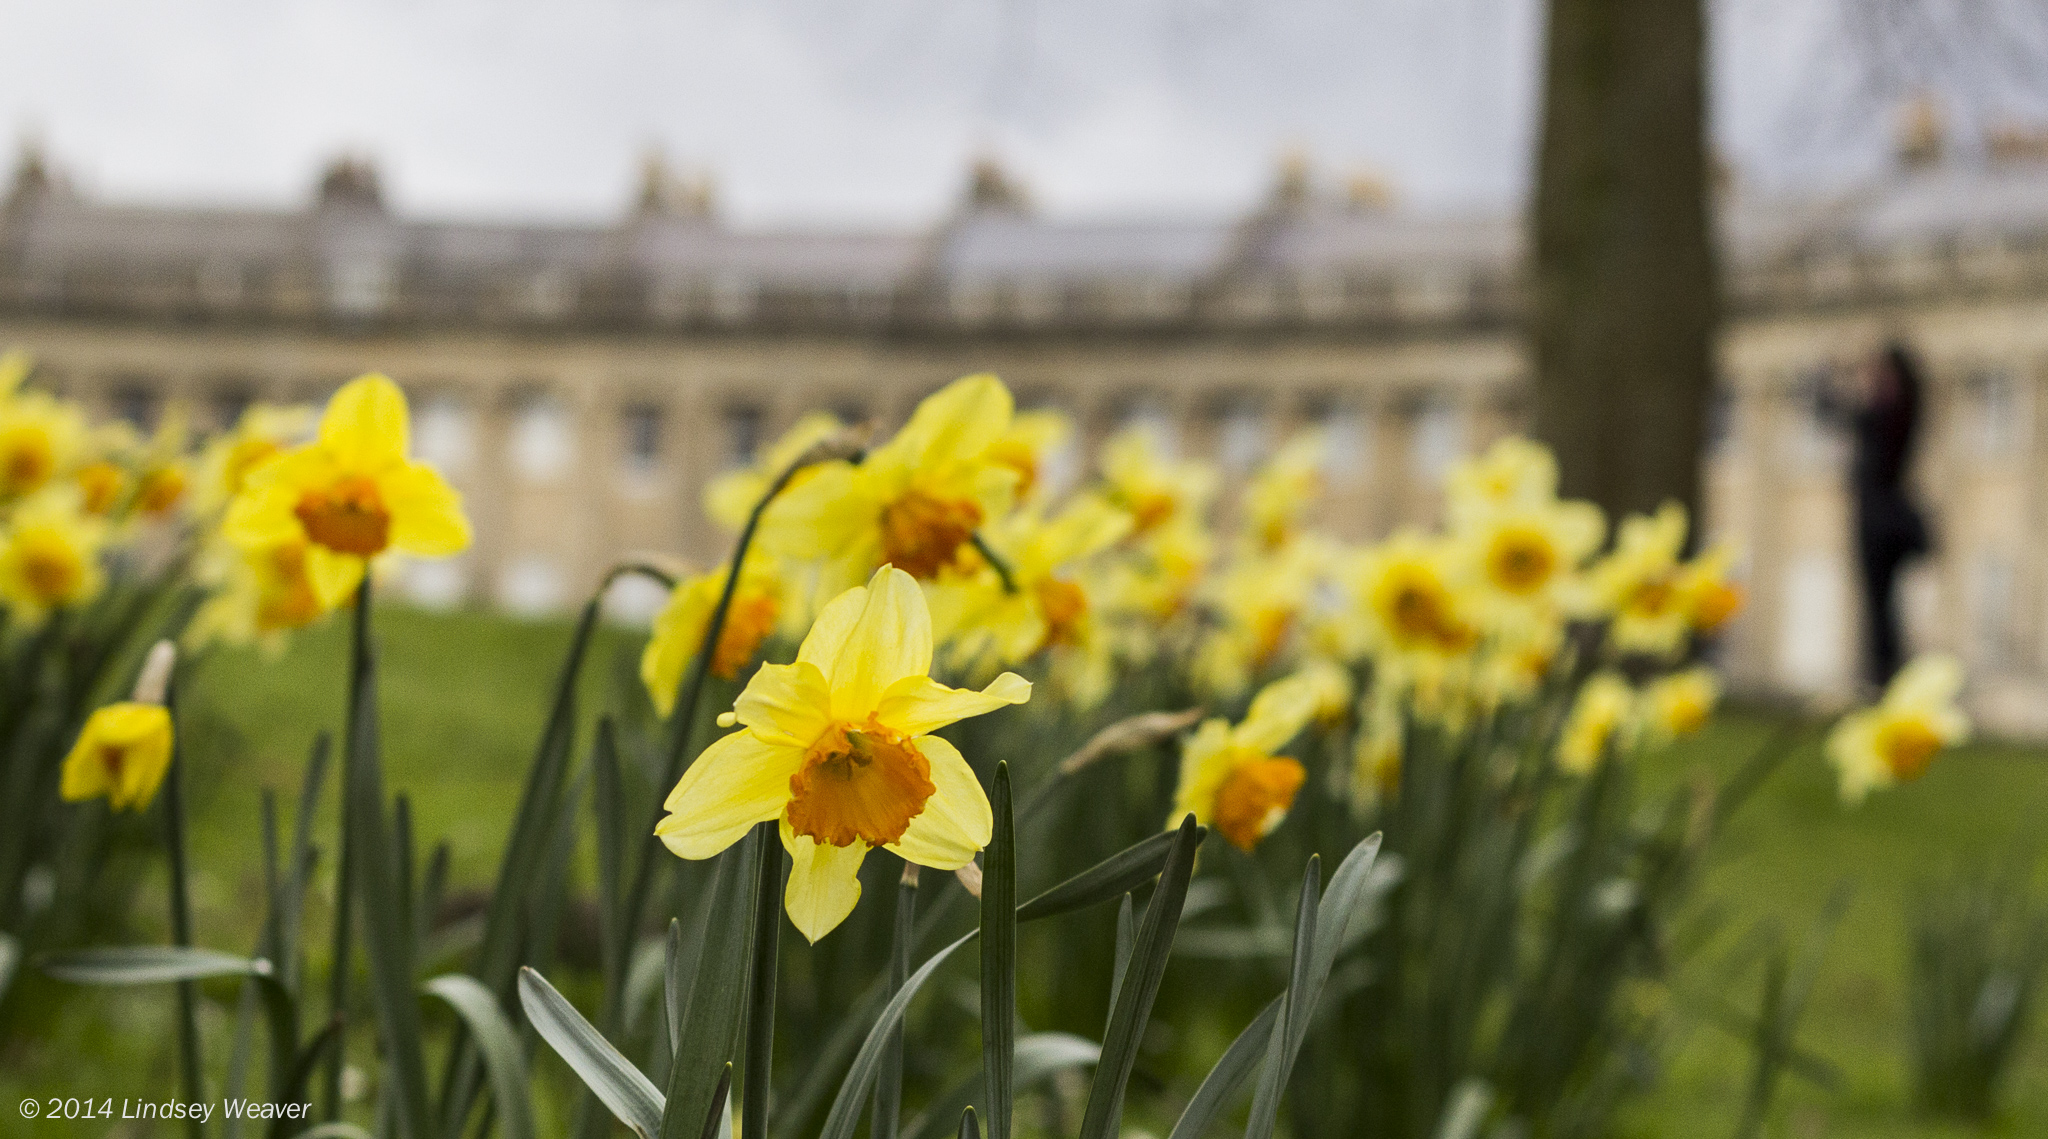 Royal Crescent daffodils